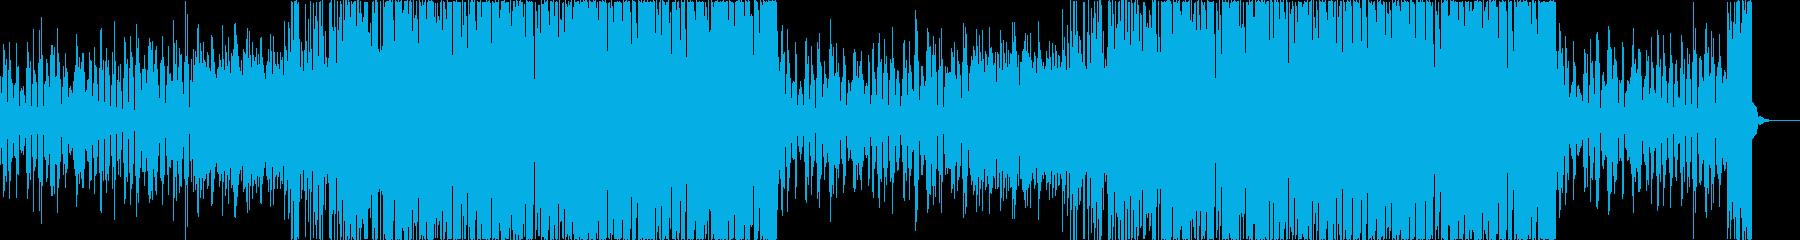 チルアウトおしゃれなトロピカルハウスaの再生済みの波形